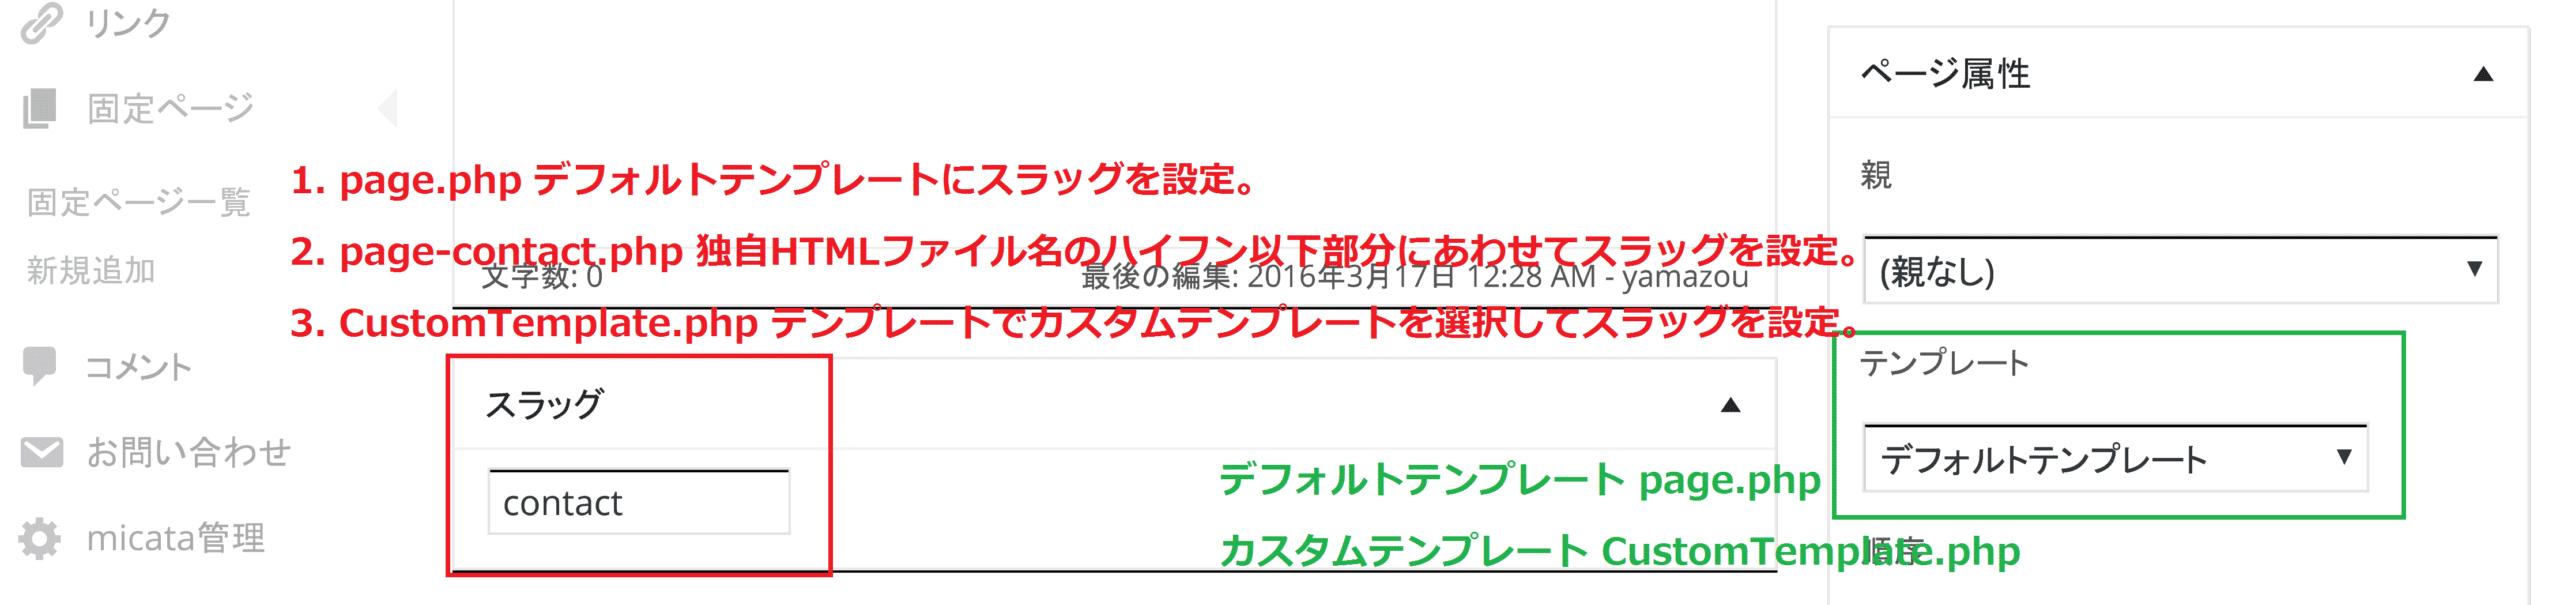 固定ページの作成方法